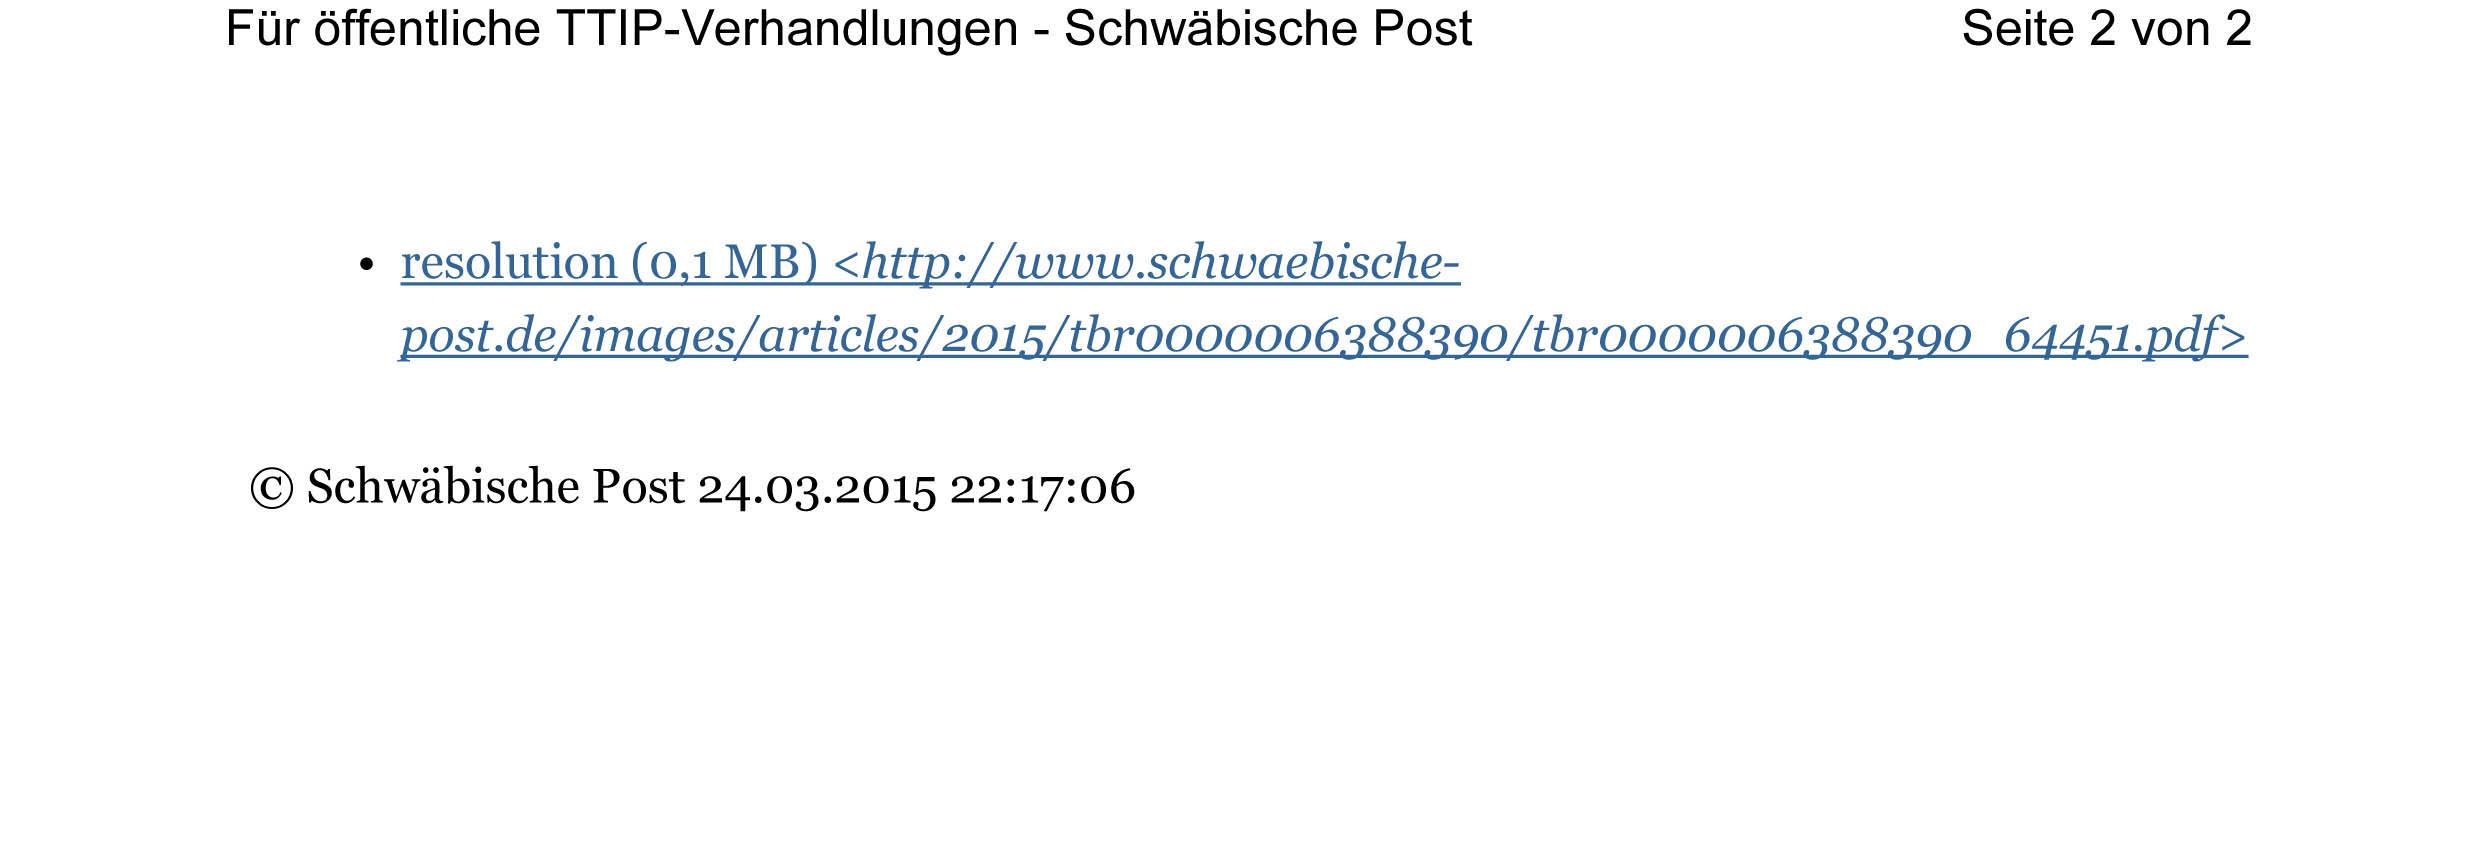 http://www.schwaebische-post.de/artikel.php?aid=798597&print=1